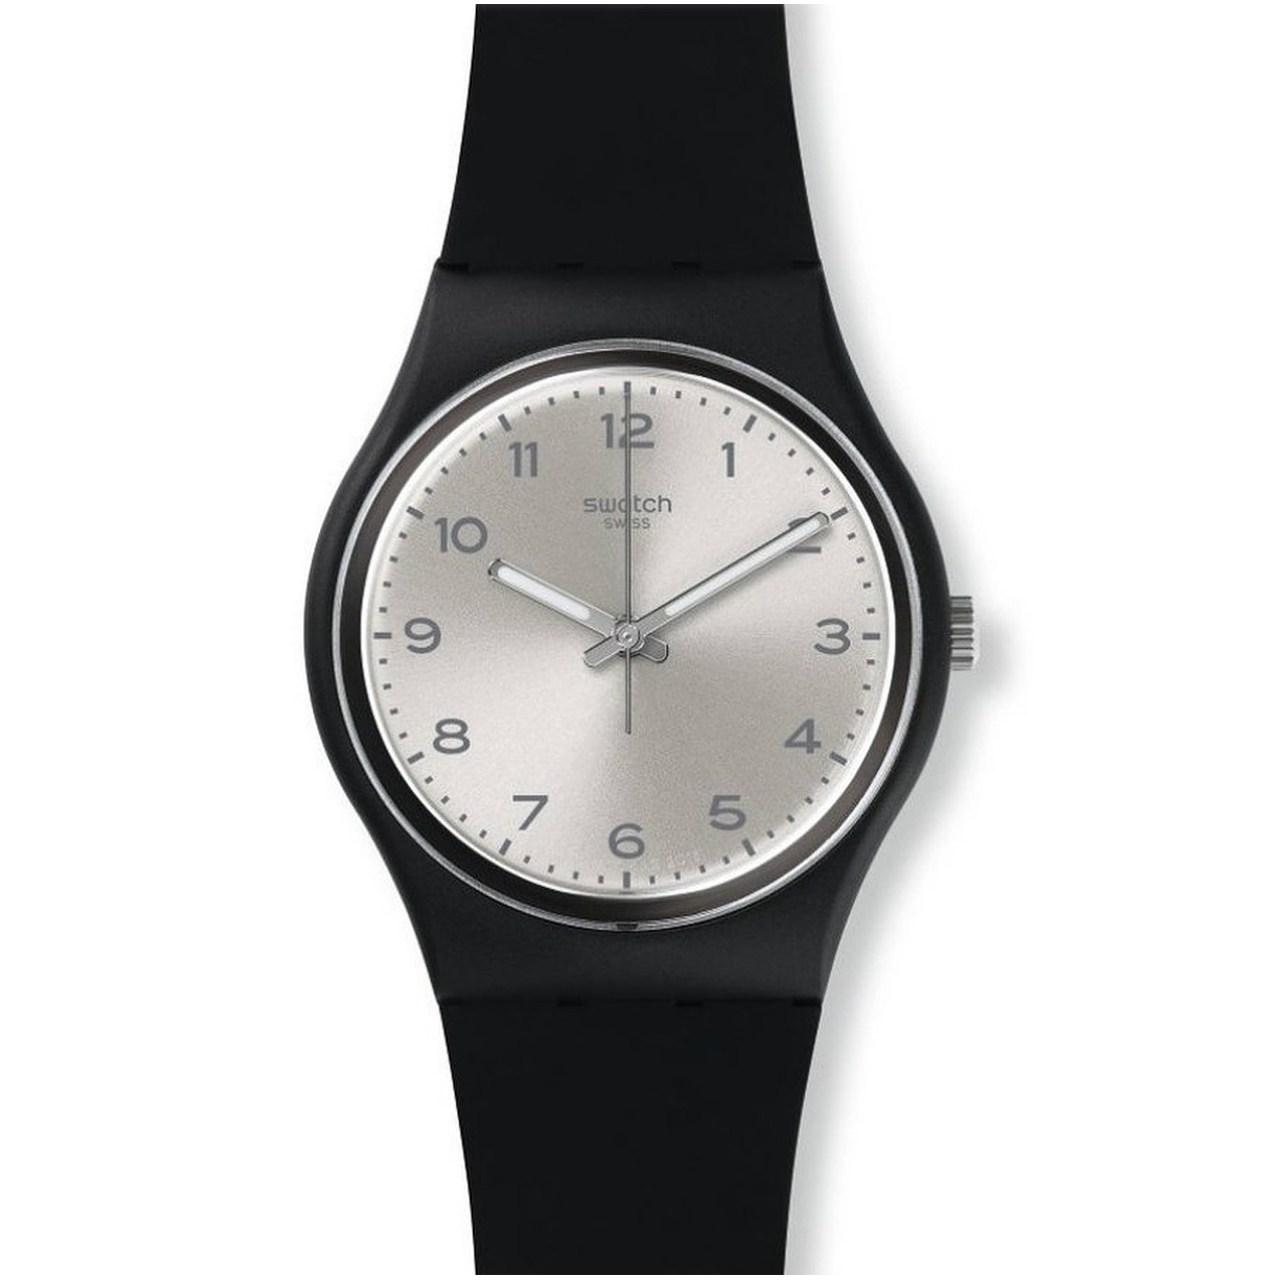 ساعت مچی عقربه ای سواچ مدل GB287